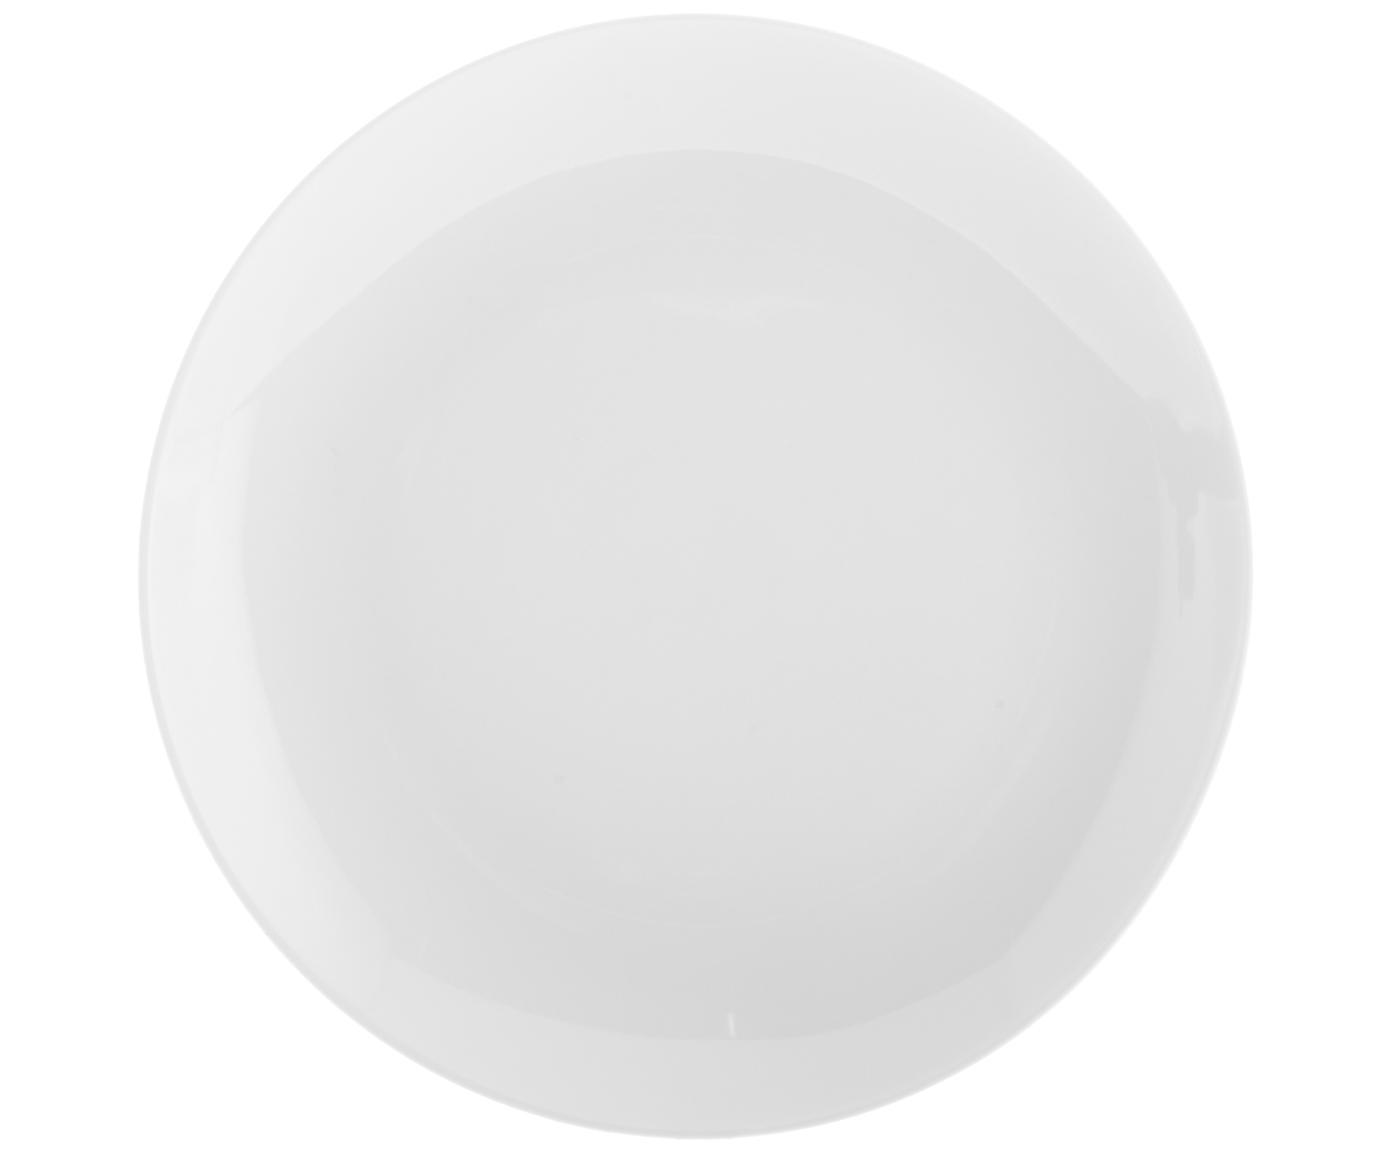 Piatto da colazione Delight Modern 2 pz, Porcellana, Bianco, Ø 20 cm